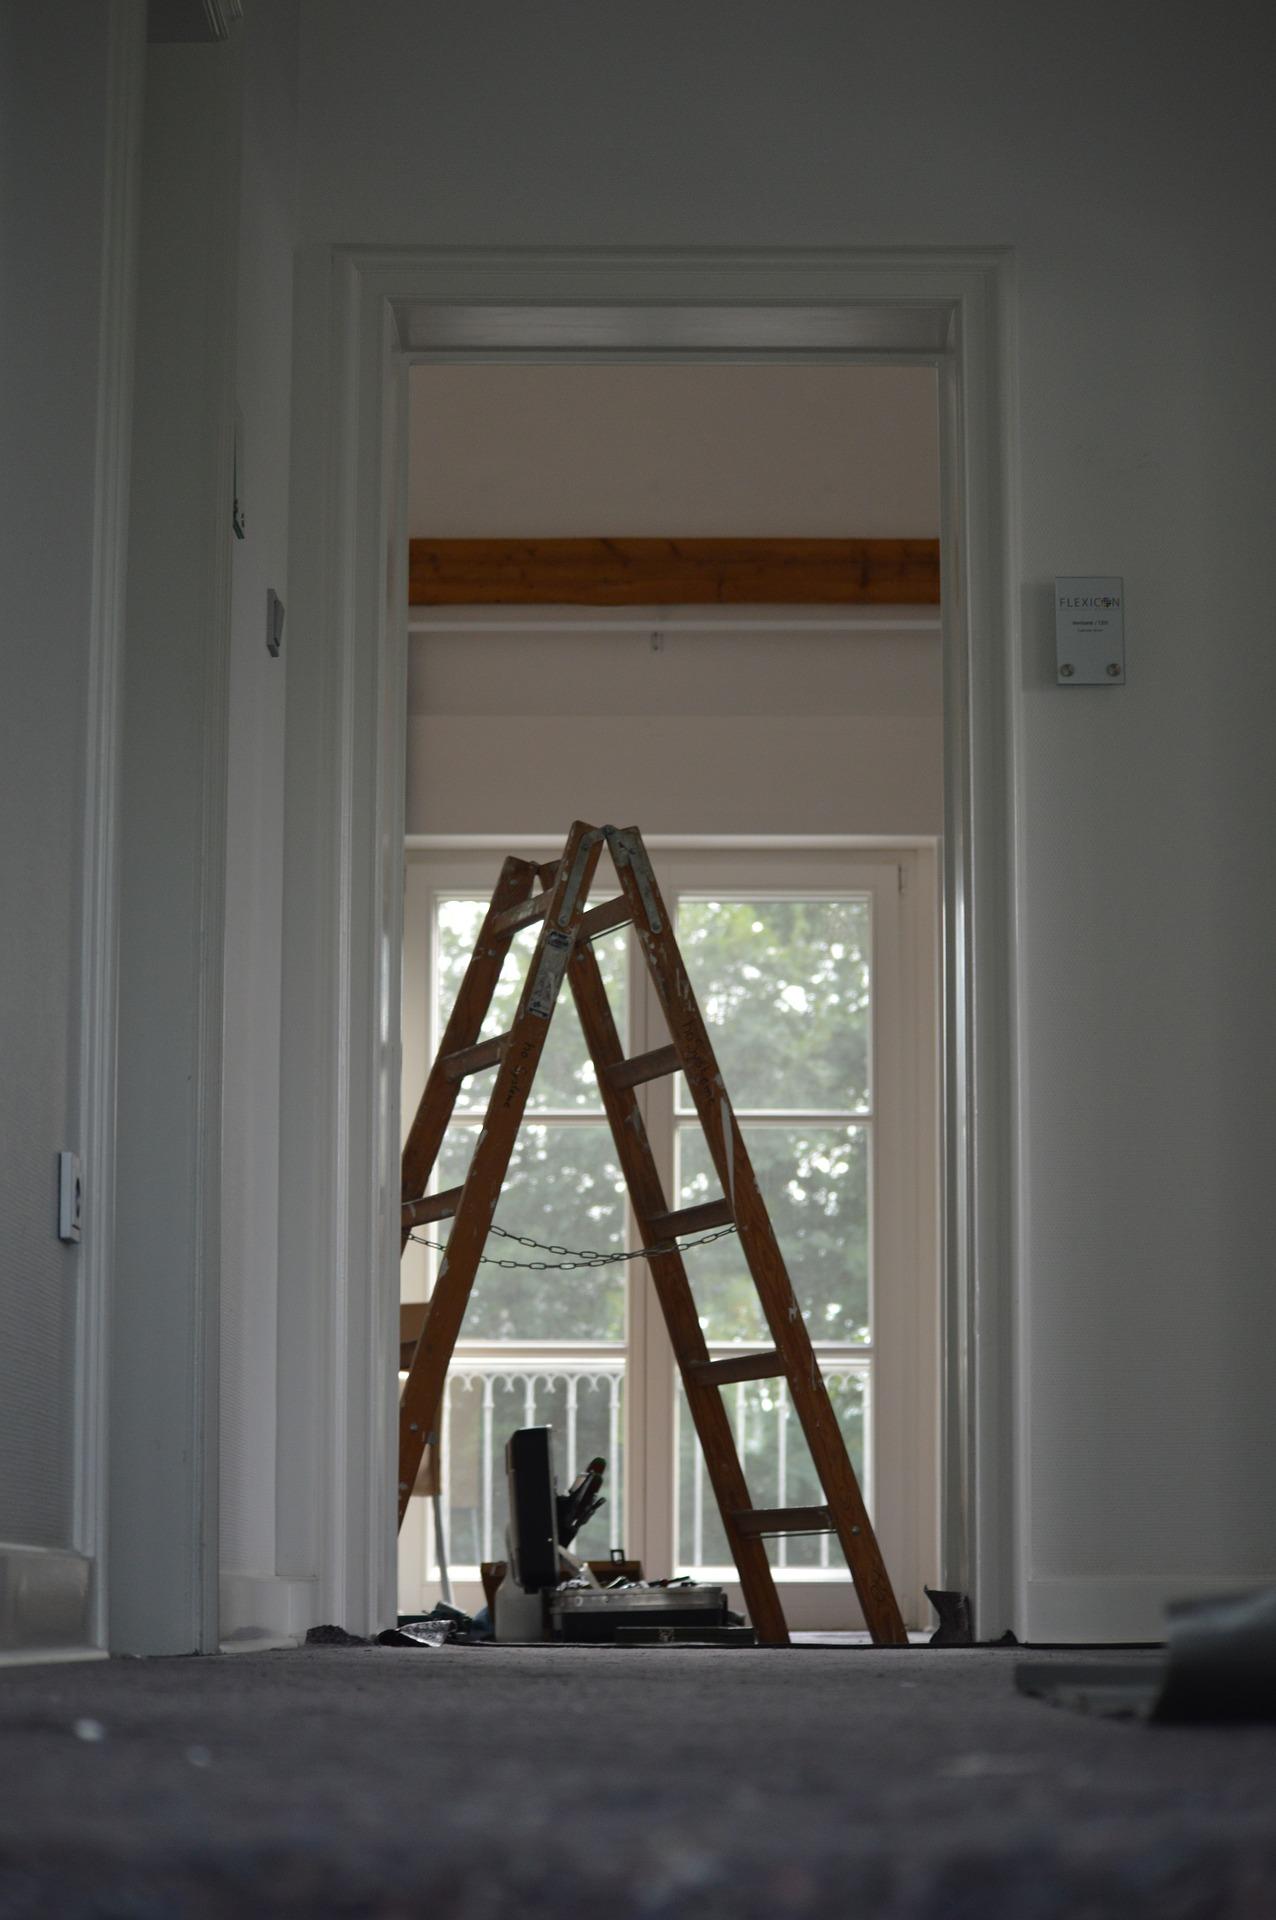 Fördermittel - Energieffizient sanieren und Wohnraum modernisieren